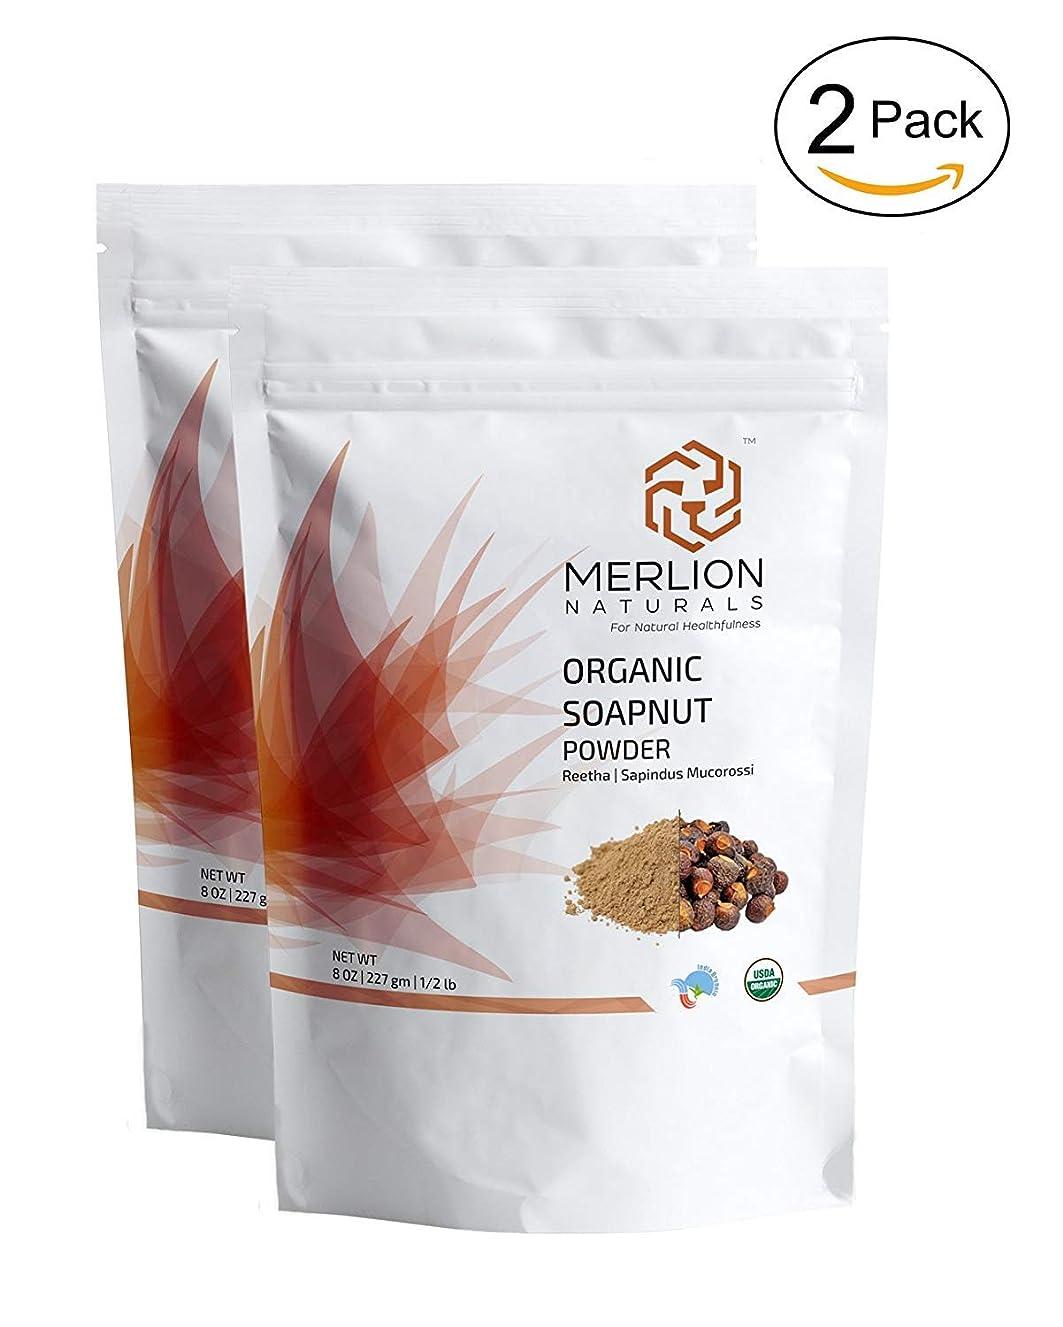 鎮痛剤知っているに立ち寄る二度有機医療有機Soapnutパウダーreethaのaritha粉末(227グラム) - 2のパック